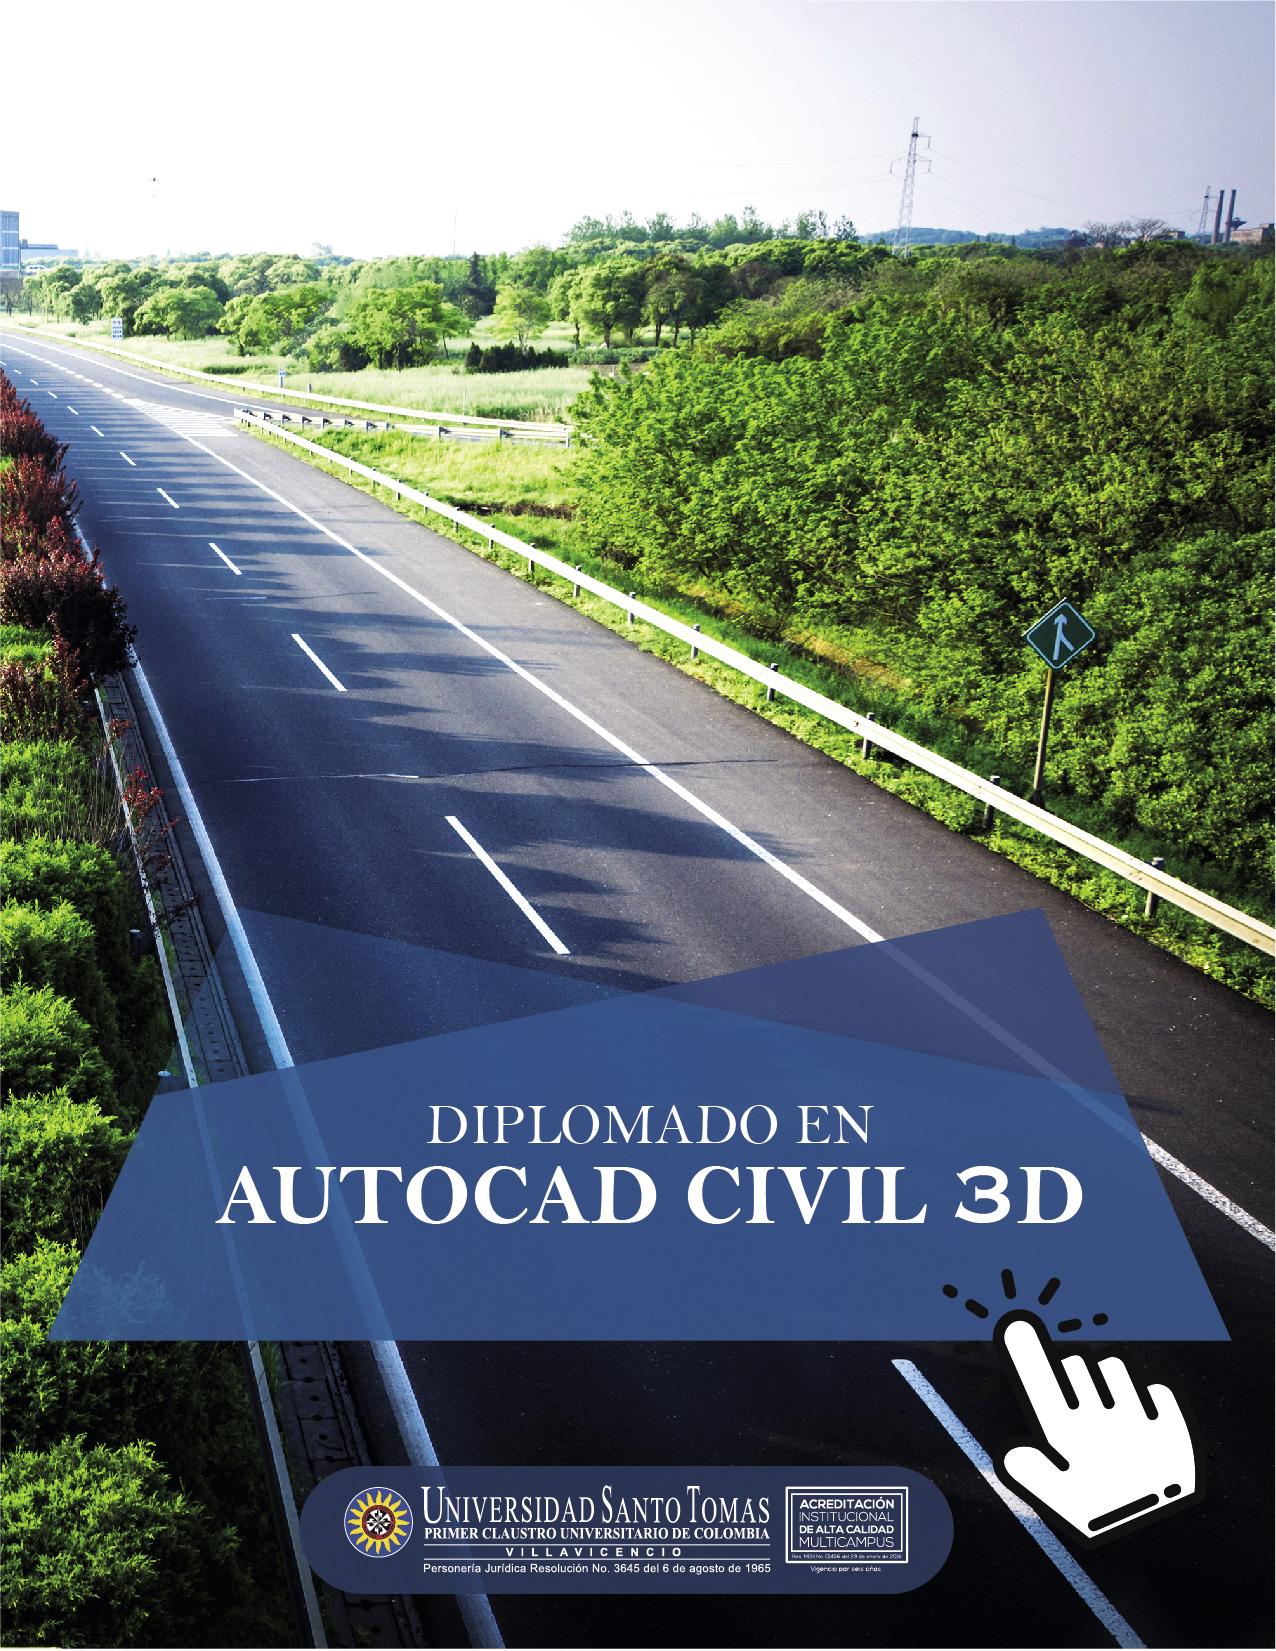 Diplomado en AutoCAD Civil 3D USTA Villavicencio